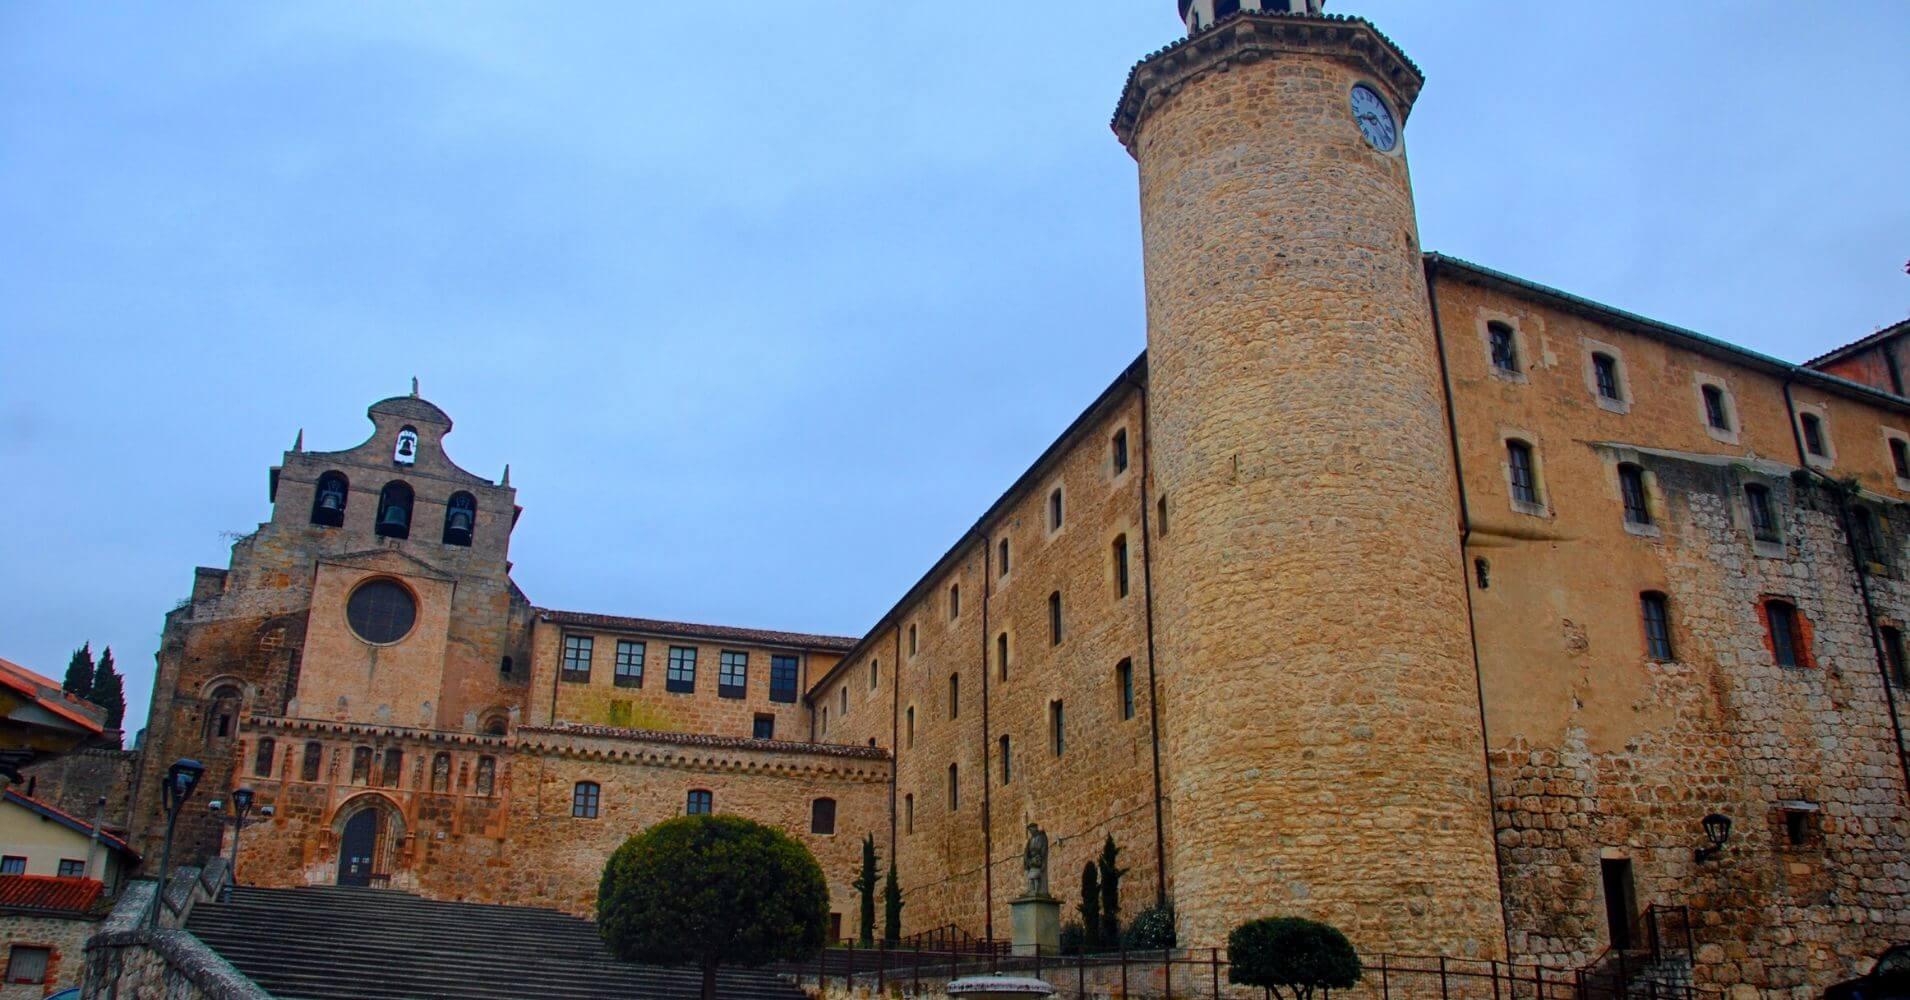 Monasterio de San Salvador. Las Merindades. Burgos. Castilla y León.